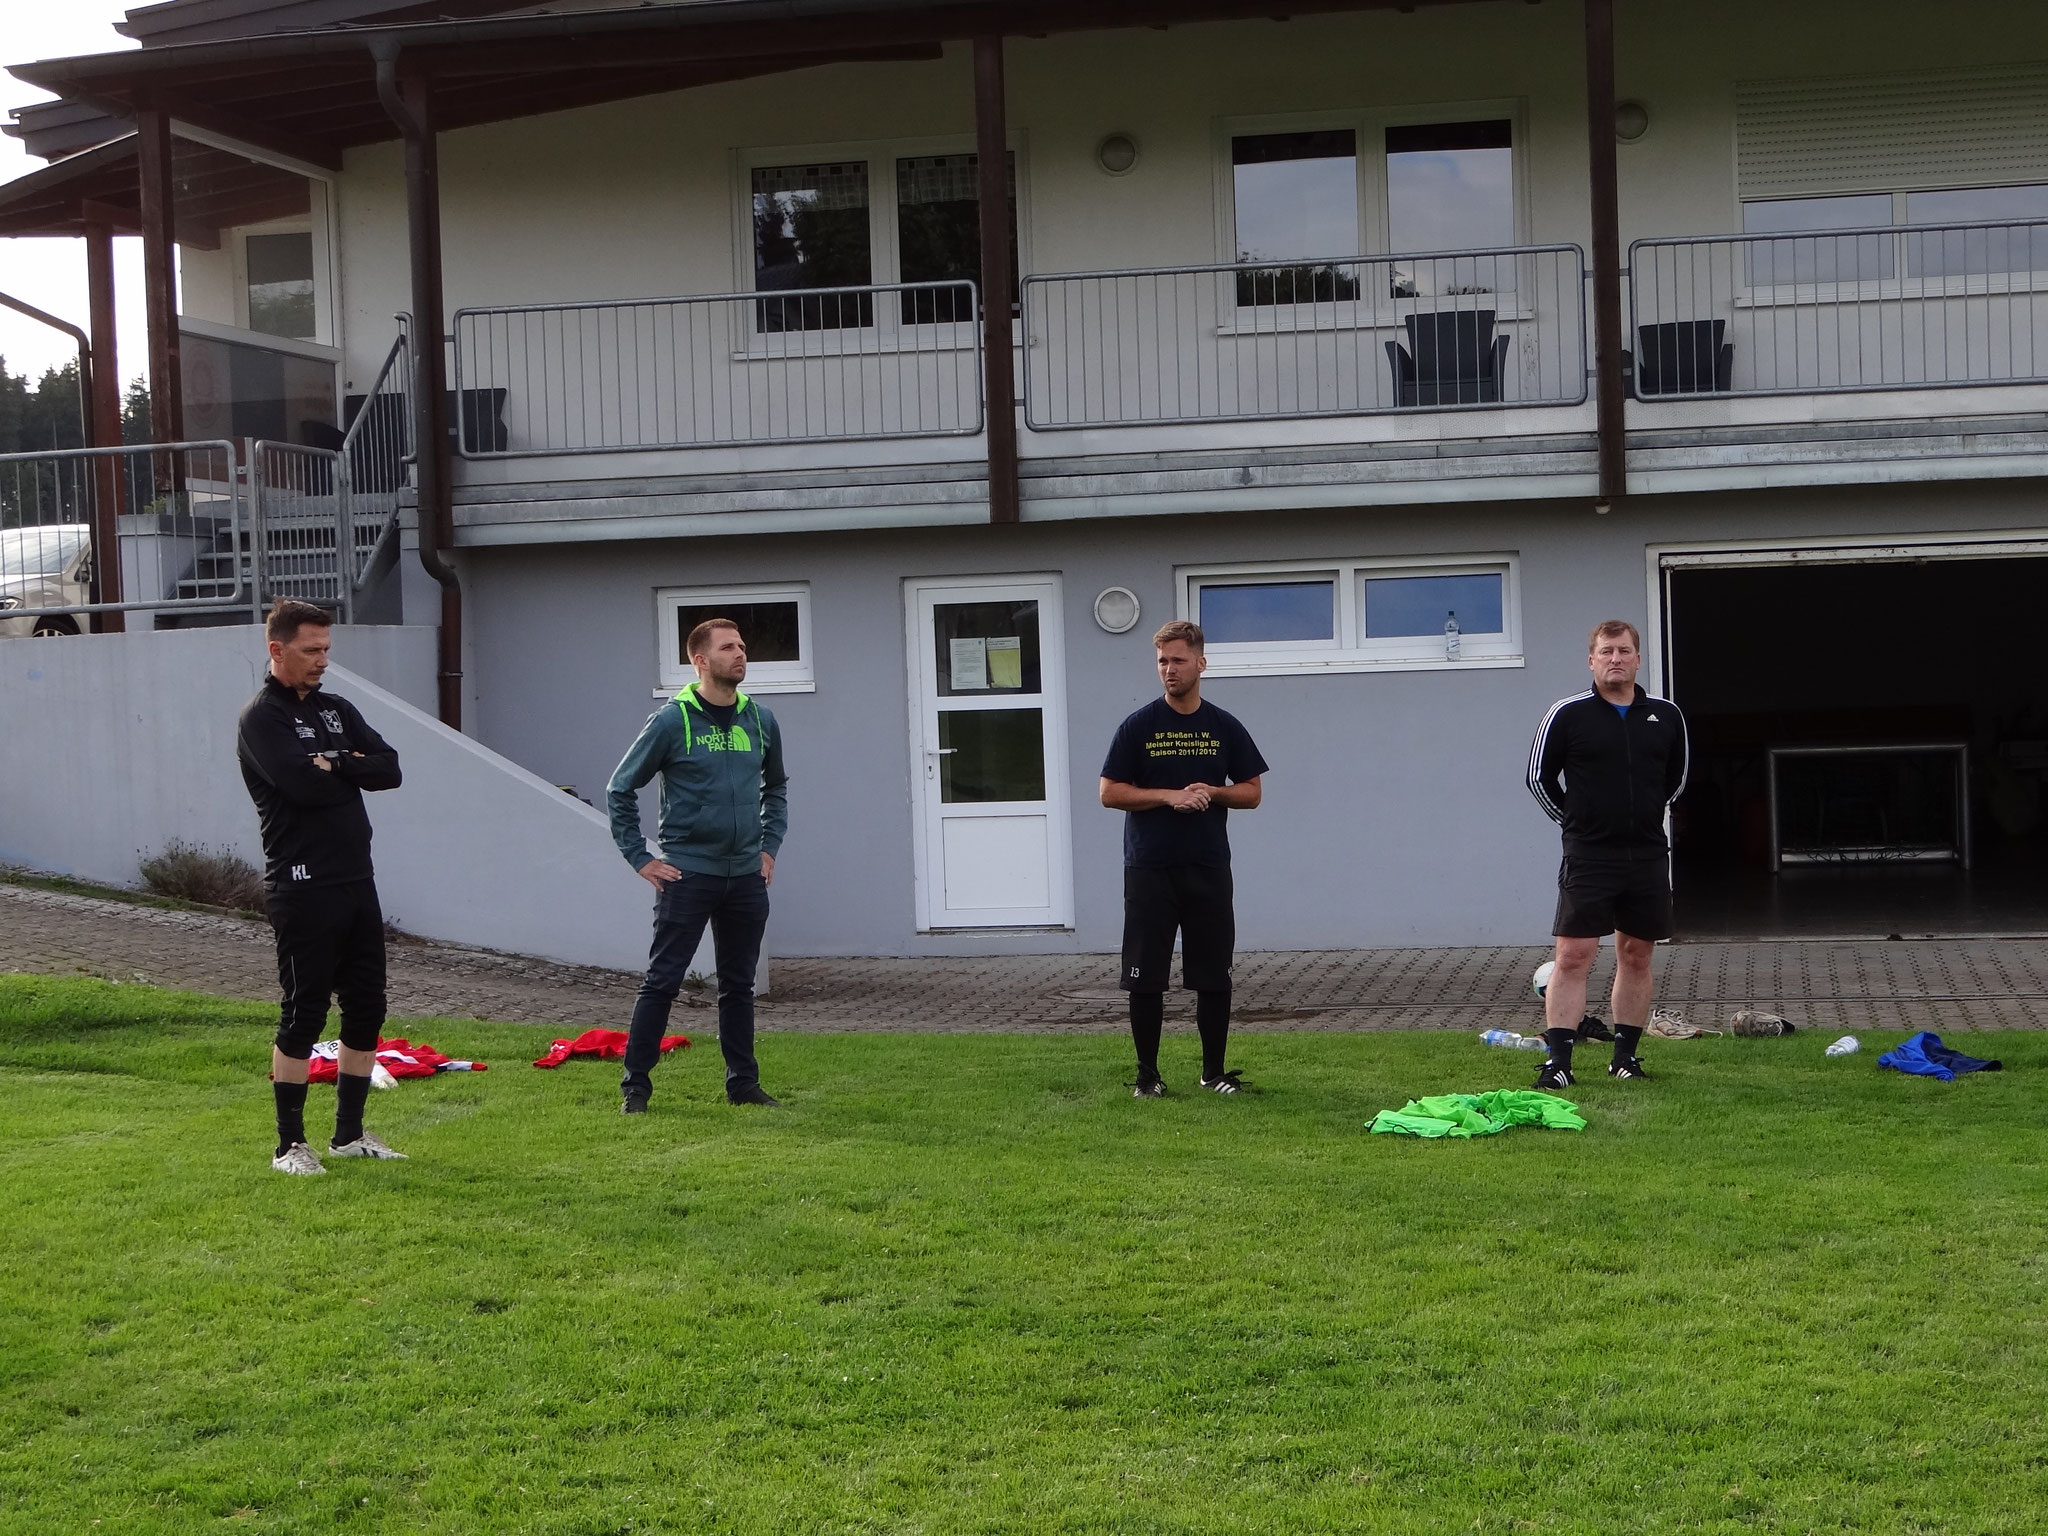 Begrüßung durch Krisztian Levai, Jens Köhler, Raffael Eberle und Hans Baur.